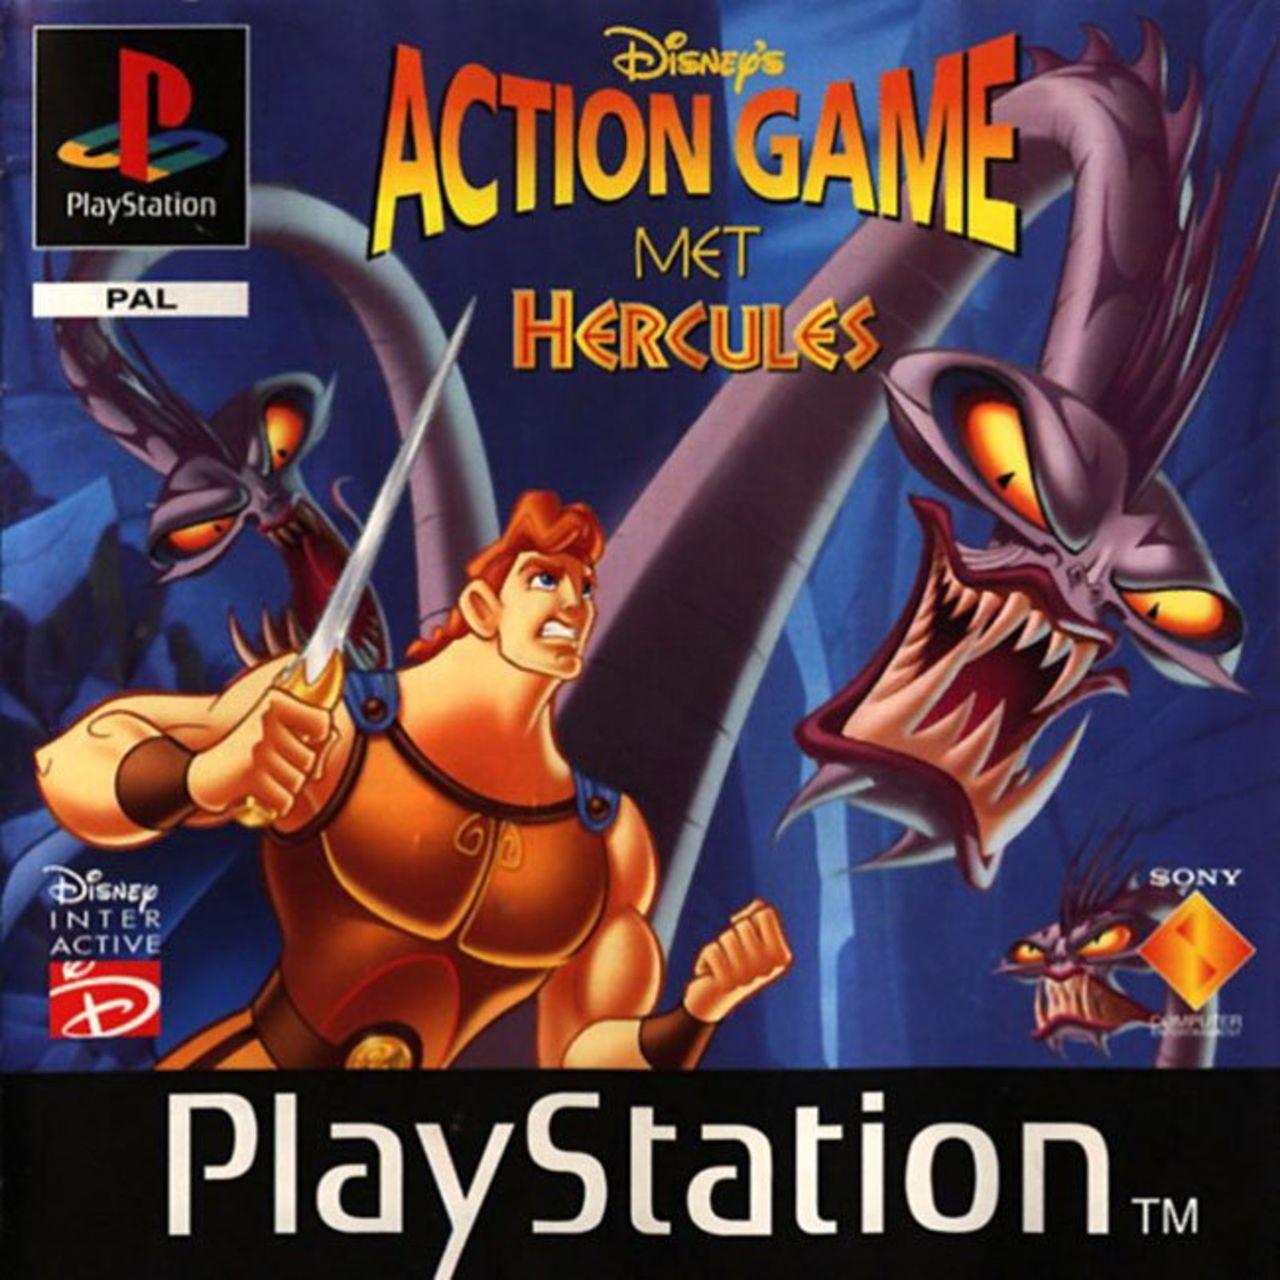 دانلود بازی هرکول پلی استیشن Disney's Hercules برای کامپیوتر